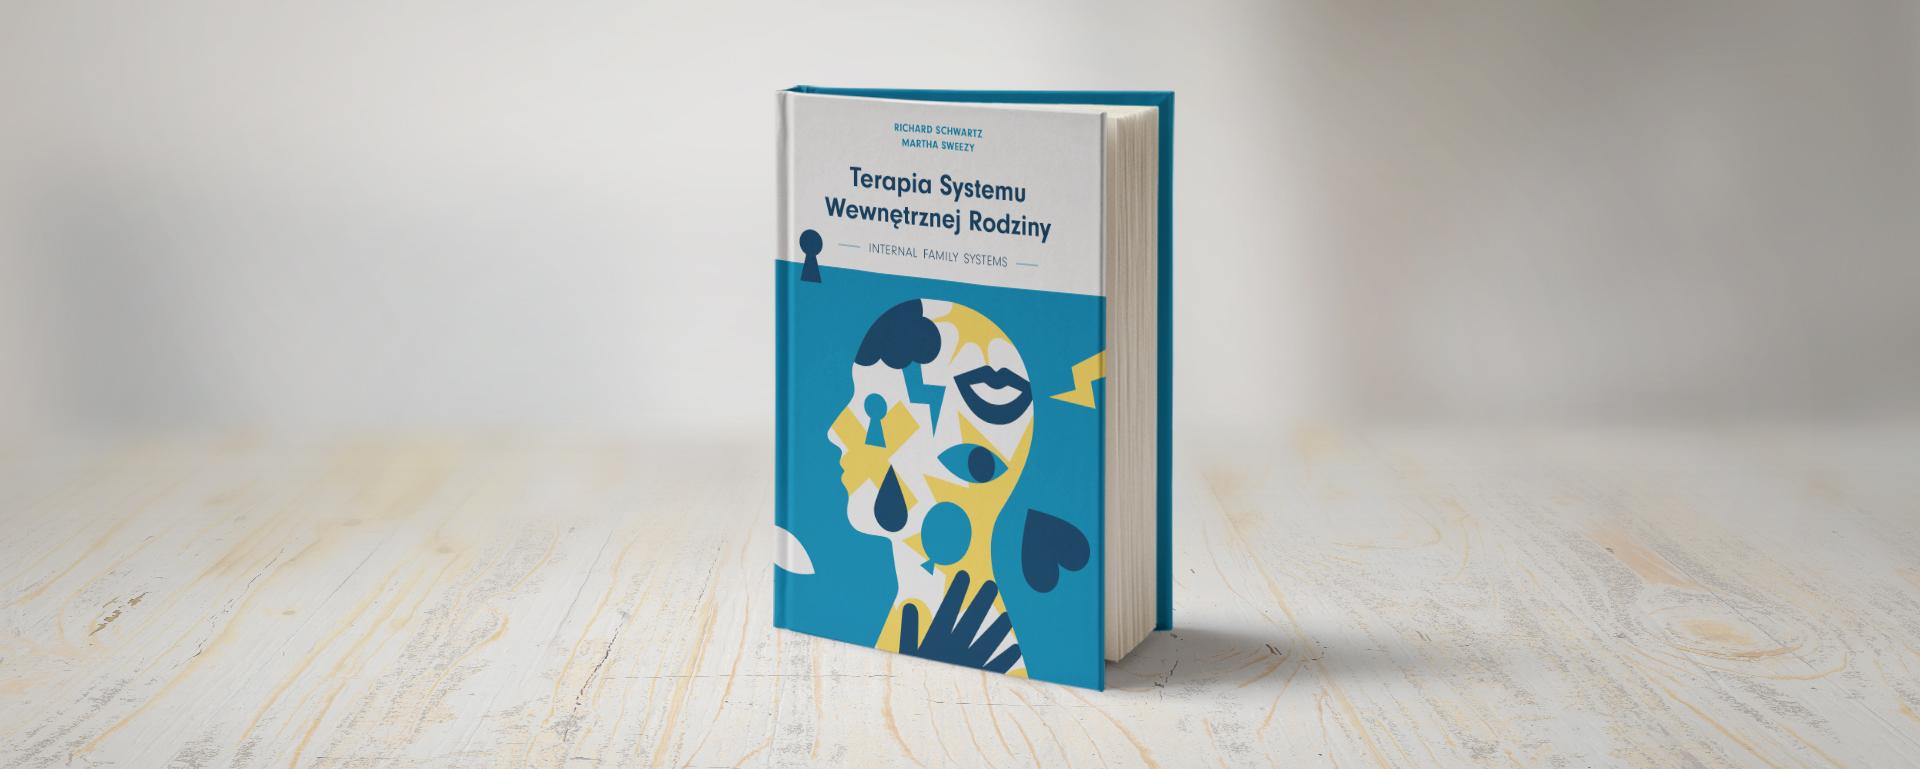 Terapia systemu wewnętrznej rodziny IFS - książka 2